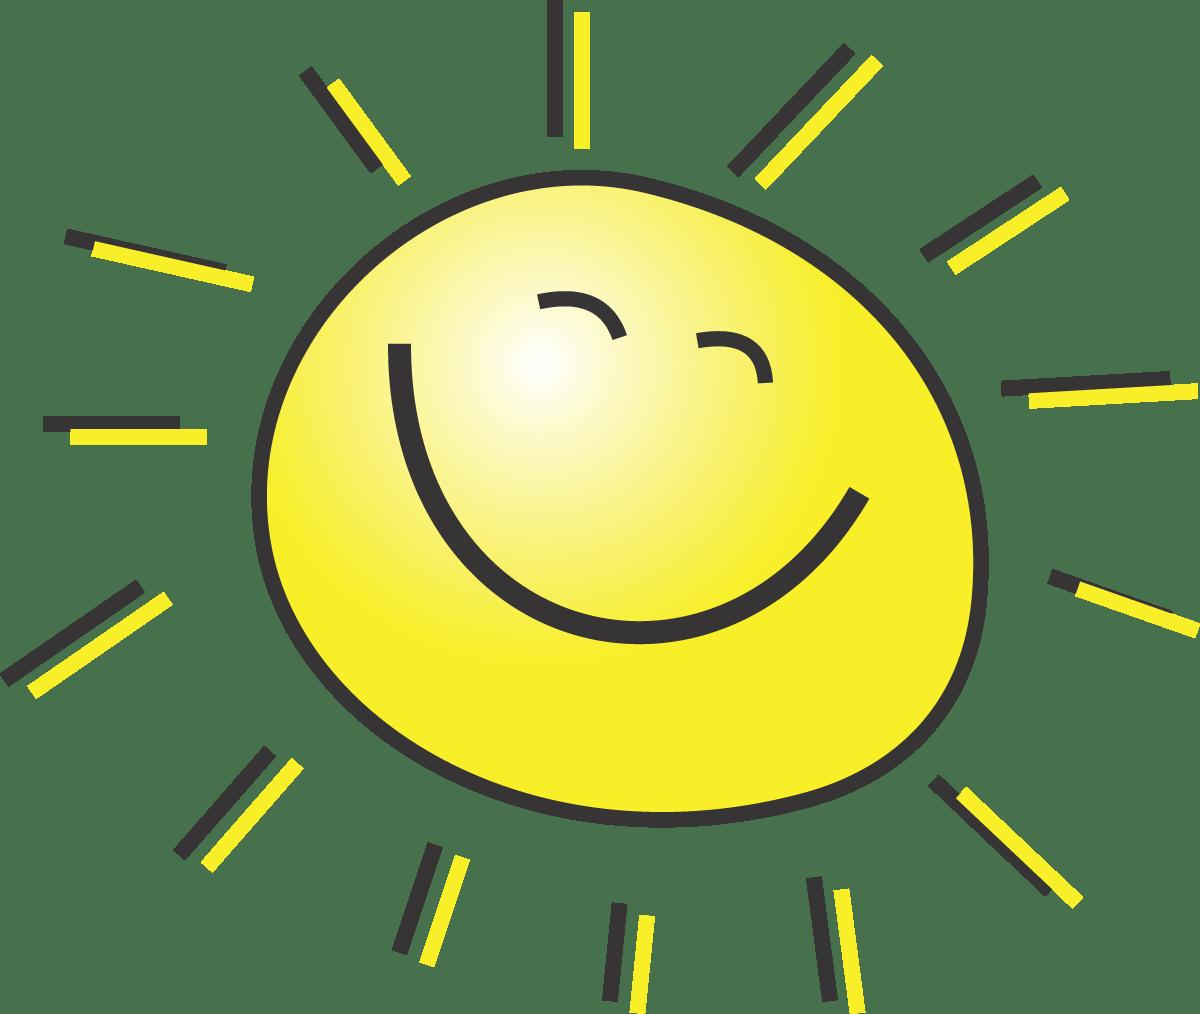 free summer illustration. Clipart sun yellow